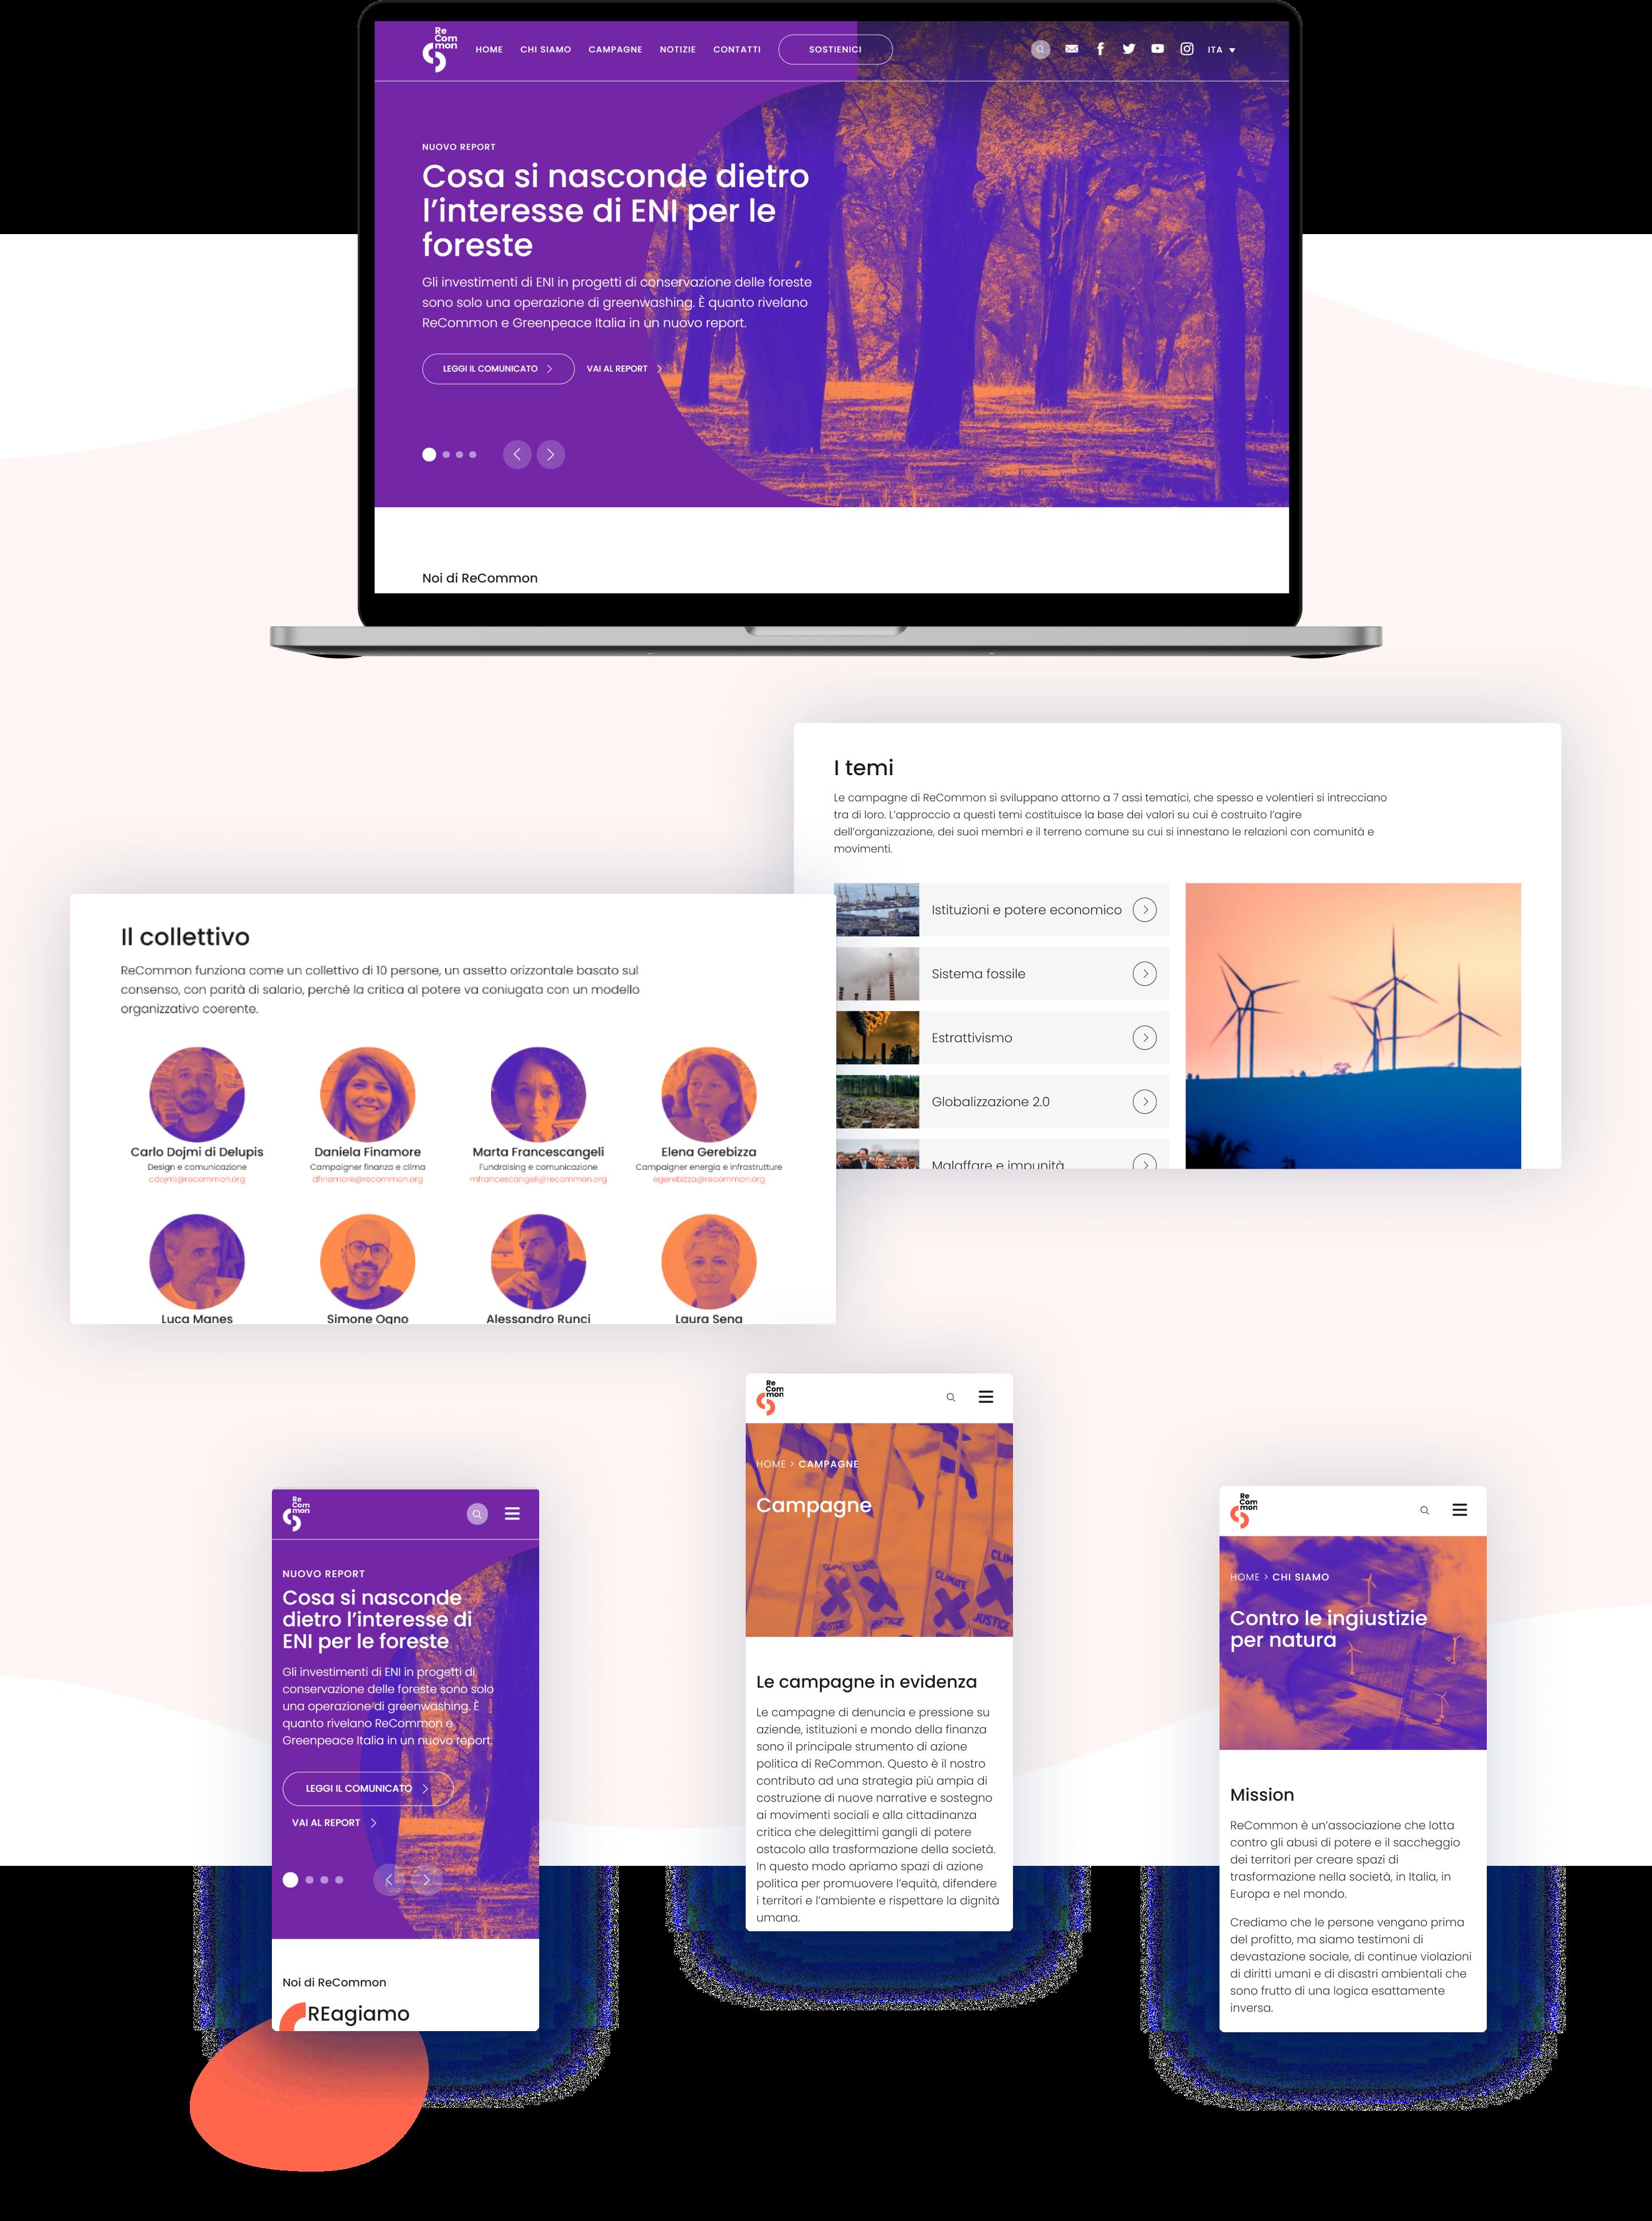 Mockup Website Desktop recommon